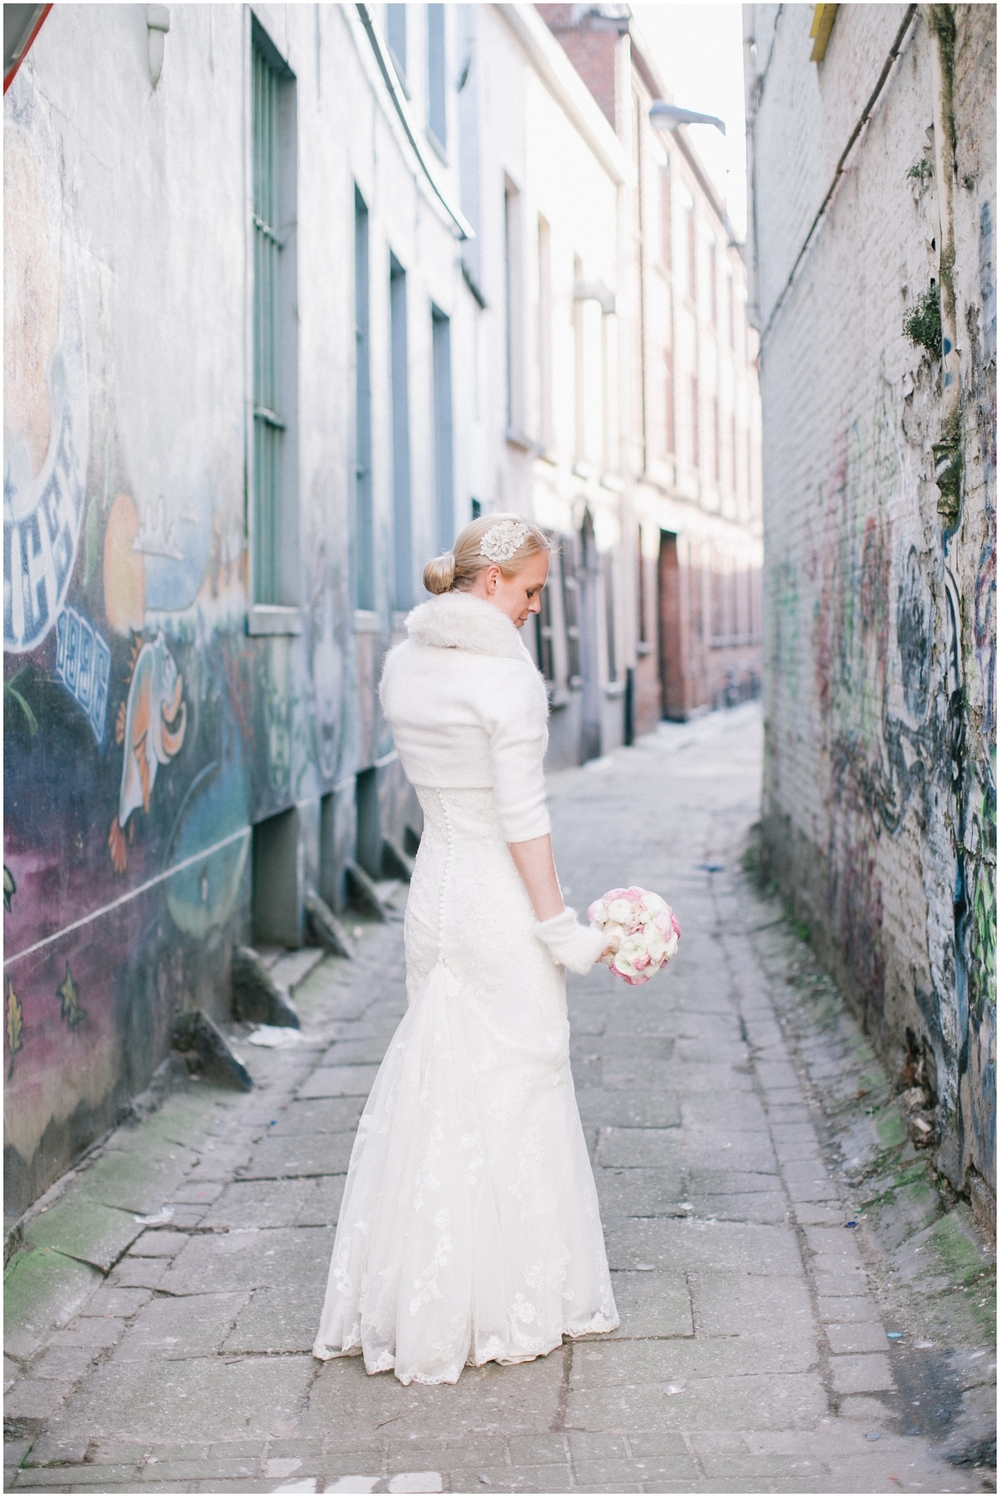 huwelijksfotograaf-londen-gent-salons-carlos-quinto-012.jpg